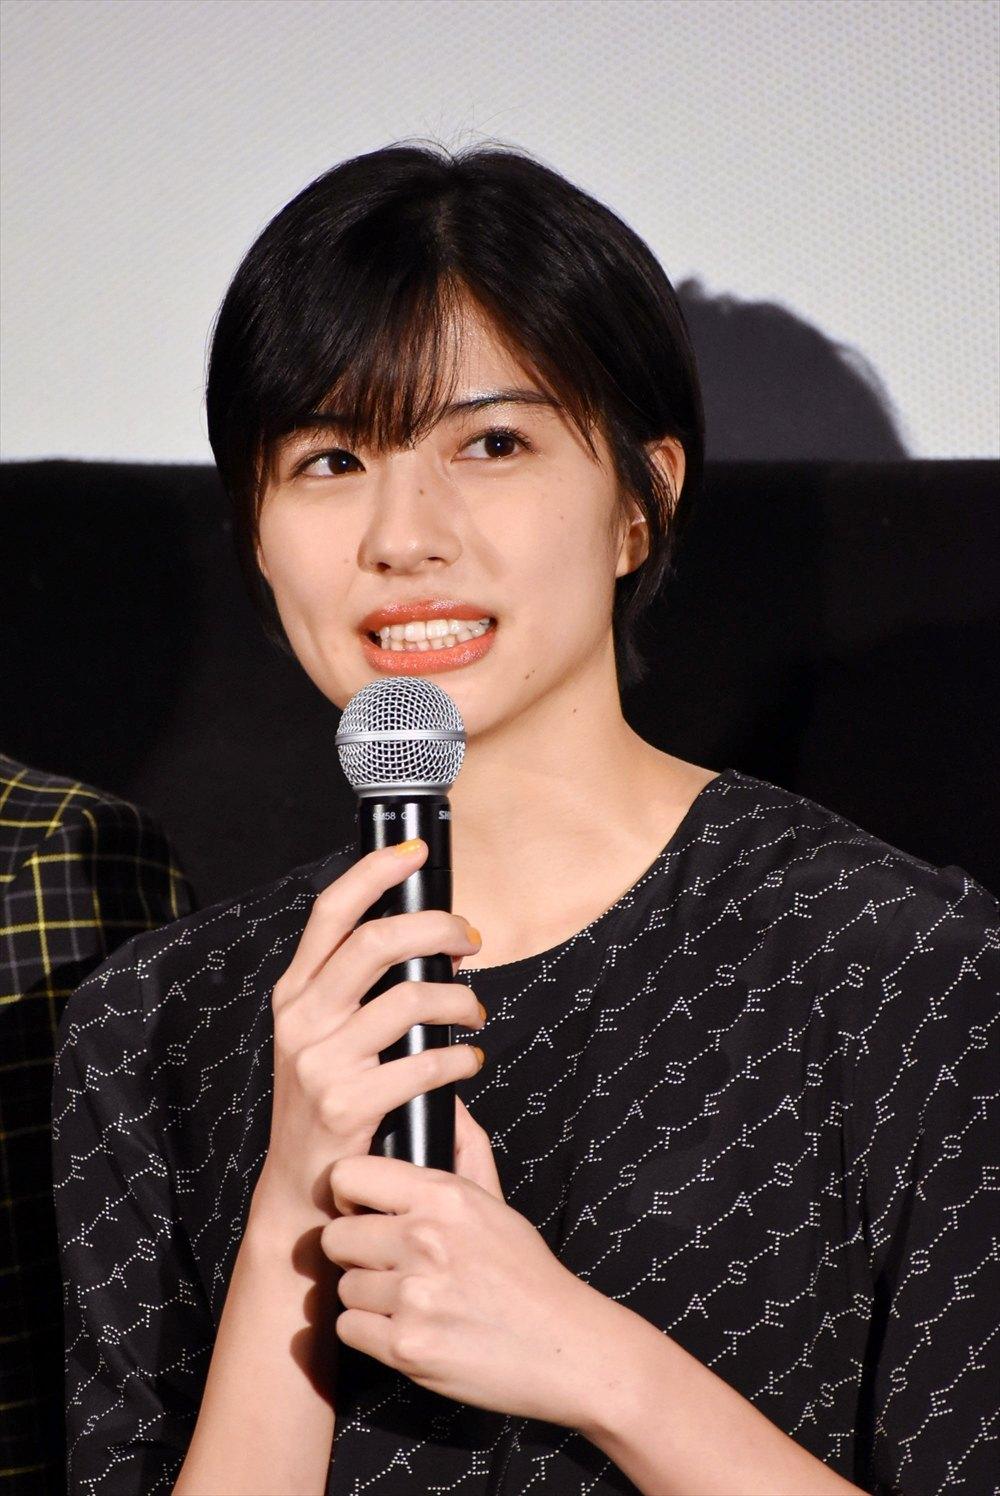 吉沢亮が キングダム イベントにサプライズ登場 ファン大興奮で吉沢